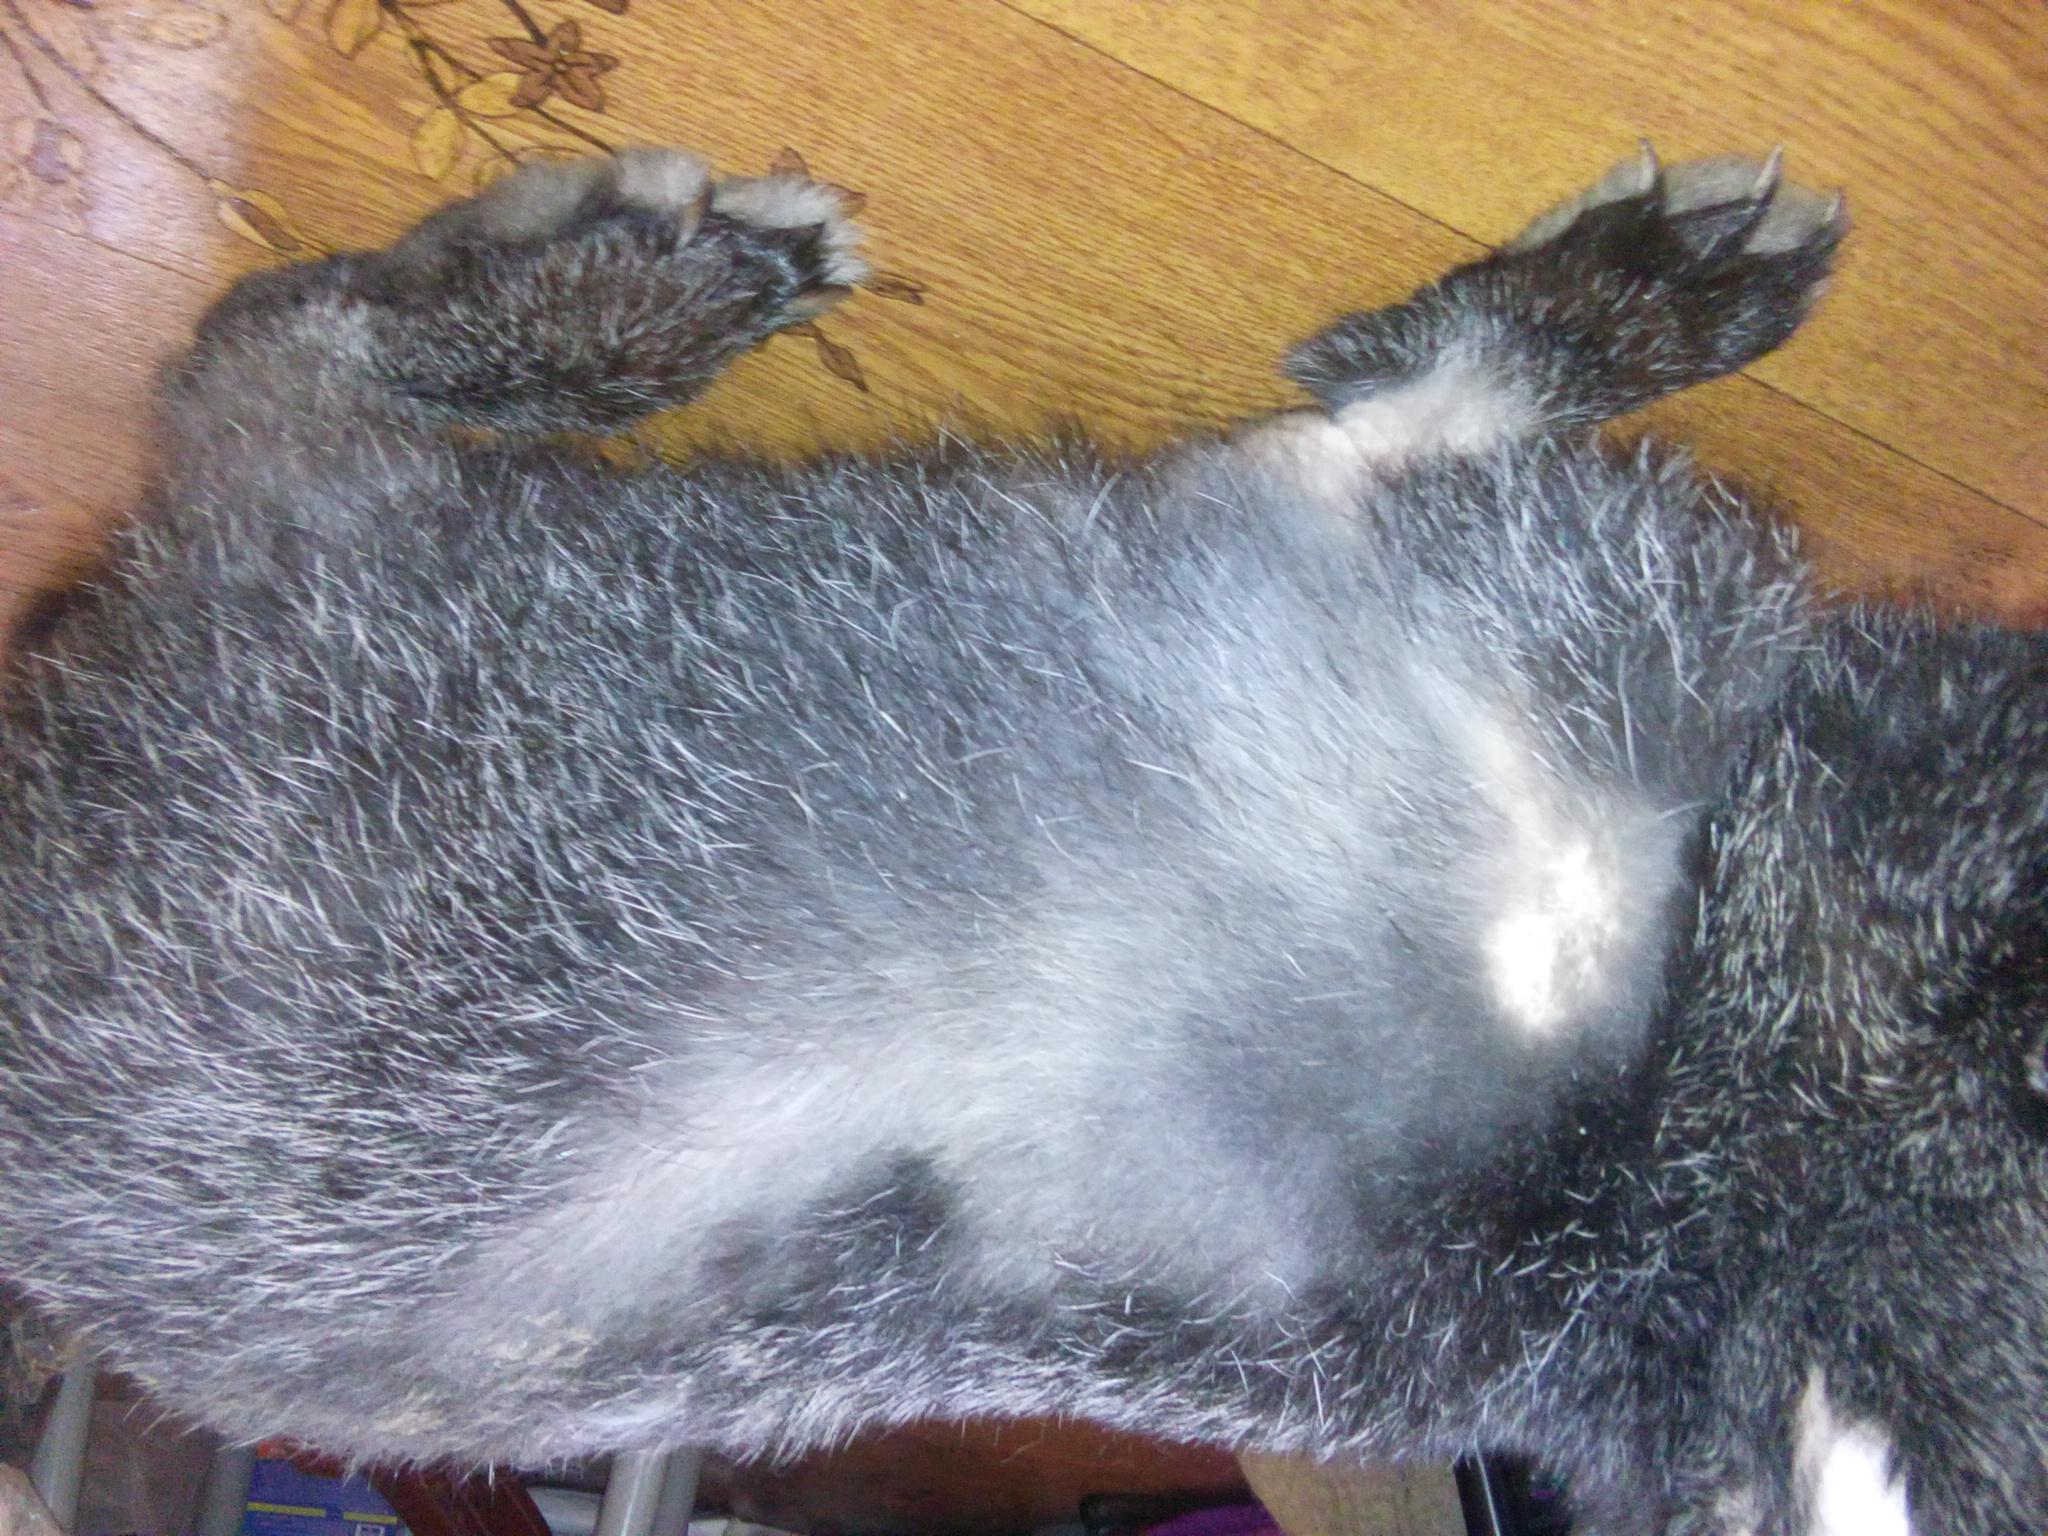 Хейлетиоз у кроликов: лечение, профилактика, симптомы